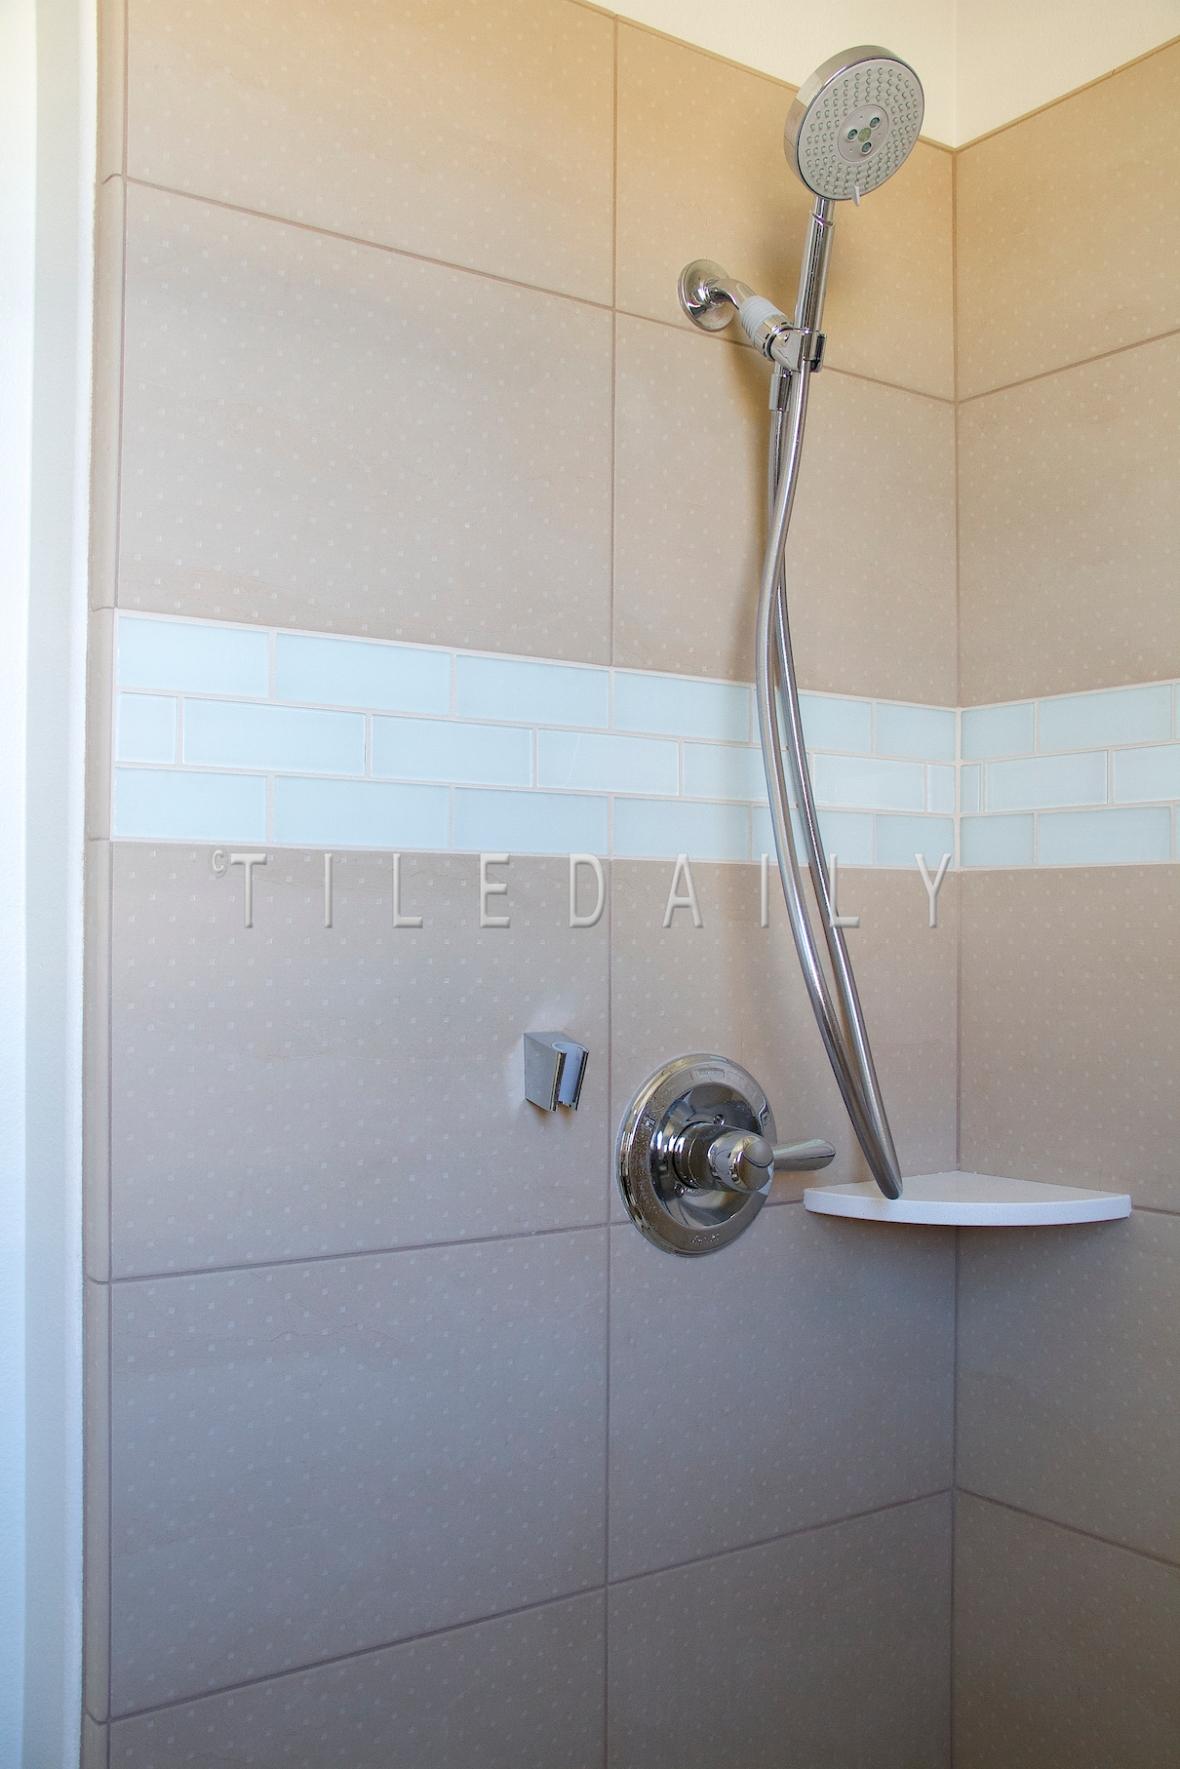 P0037LBG - 12x24 Square Dots Porcelain Tile, Light Beige